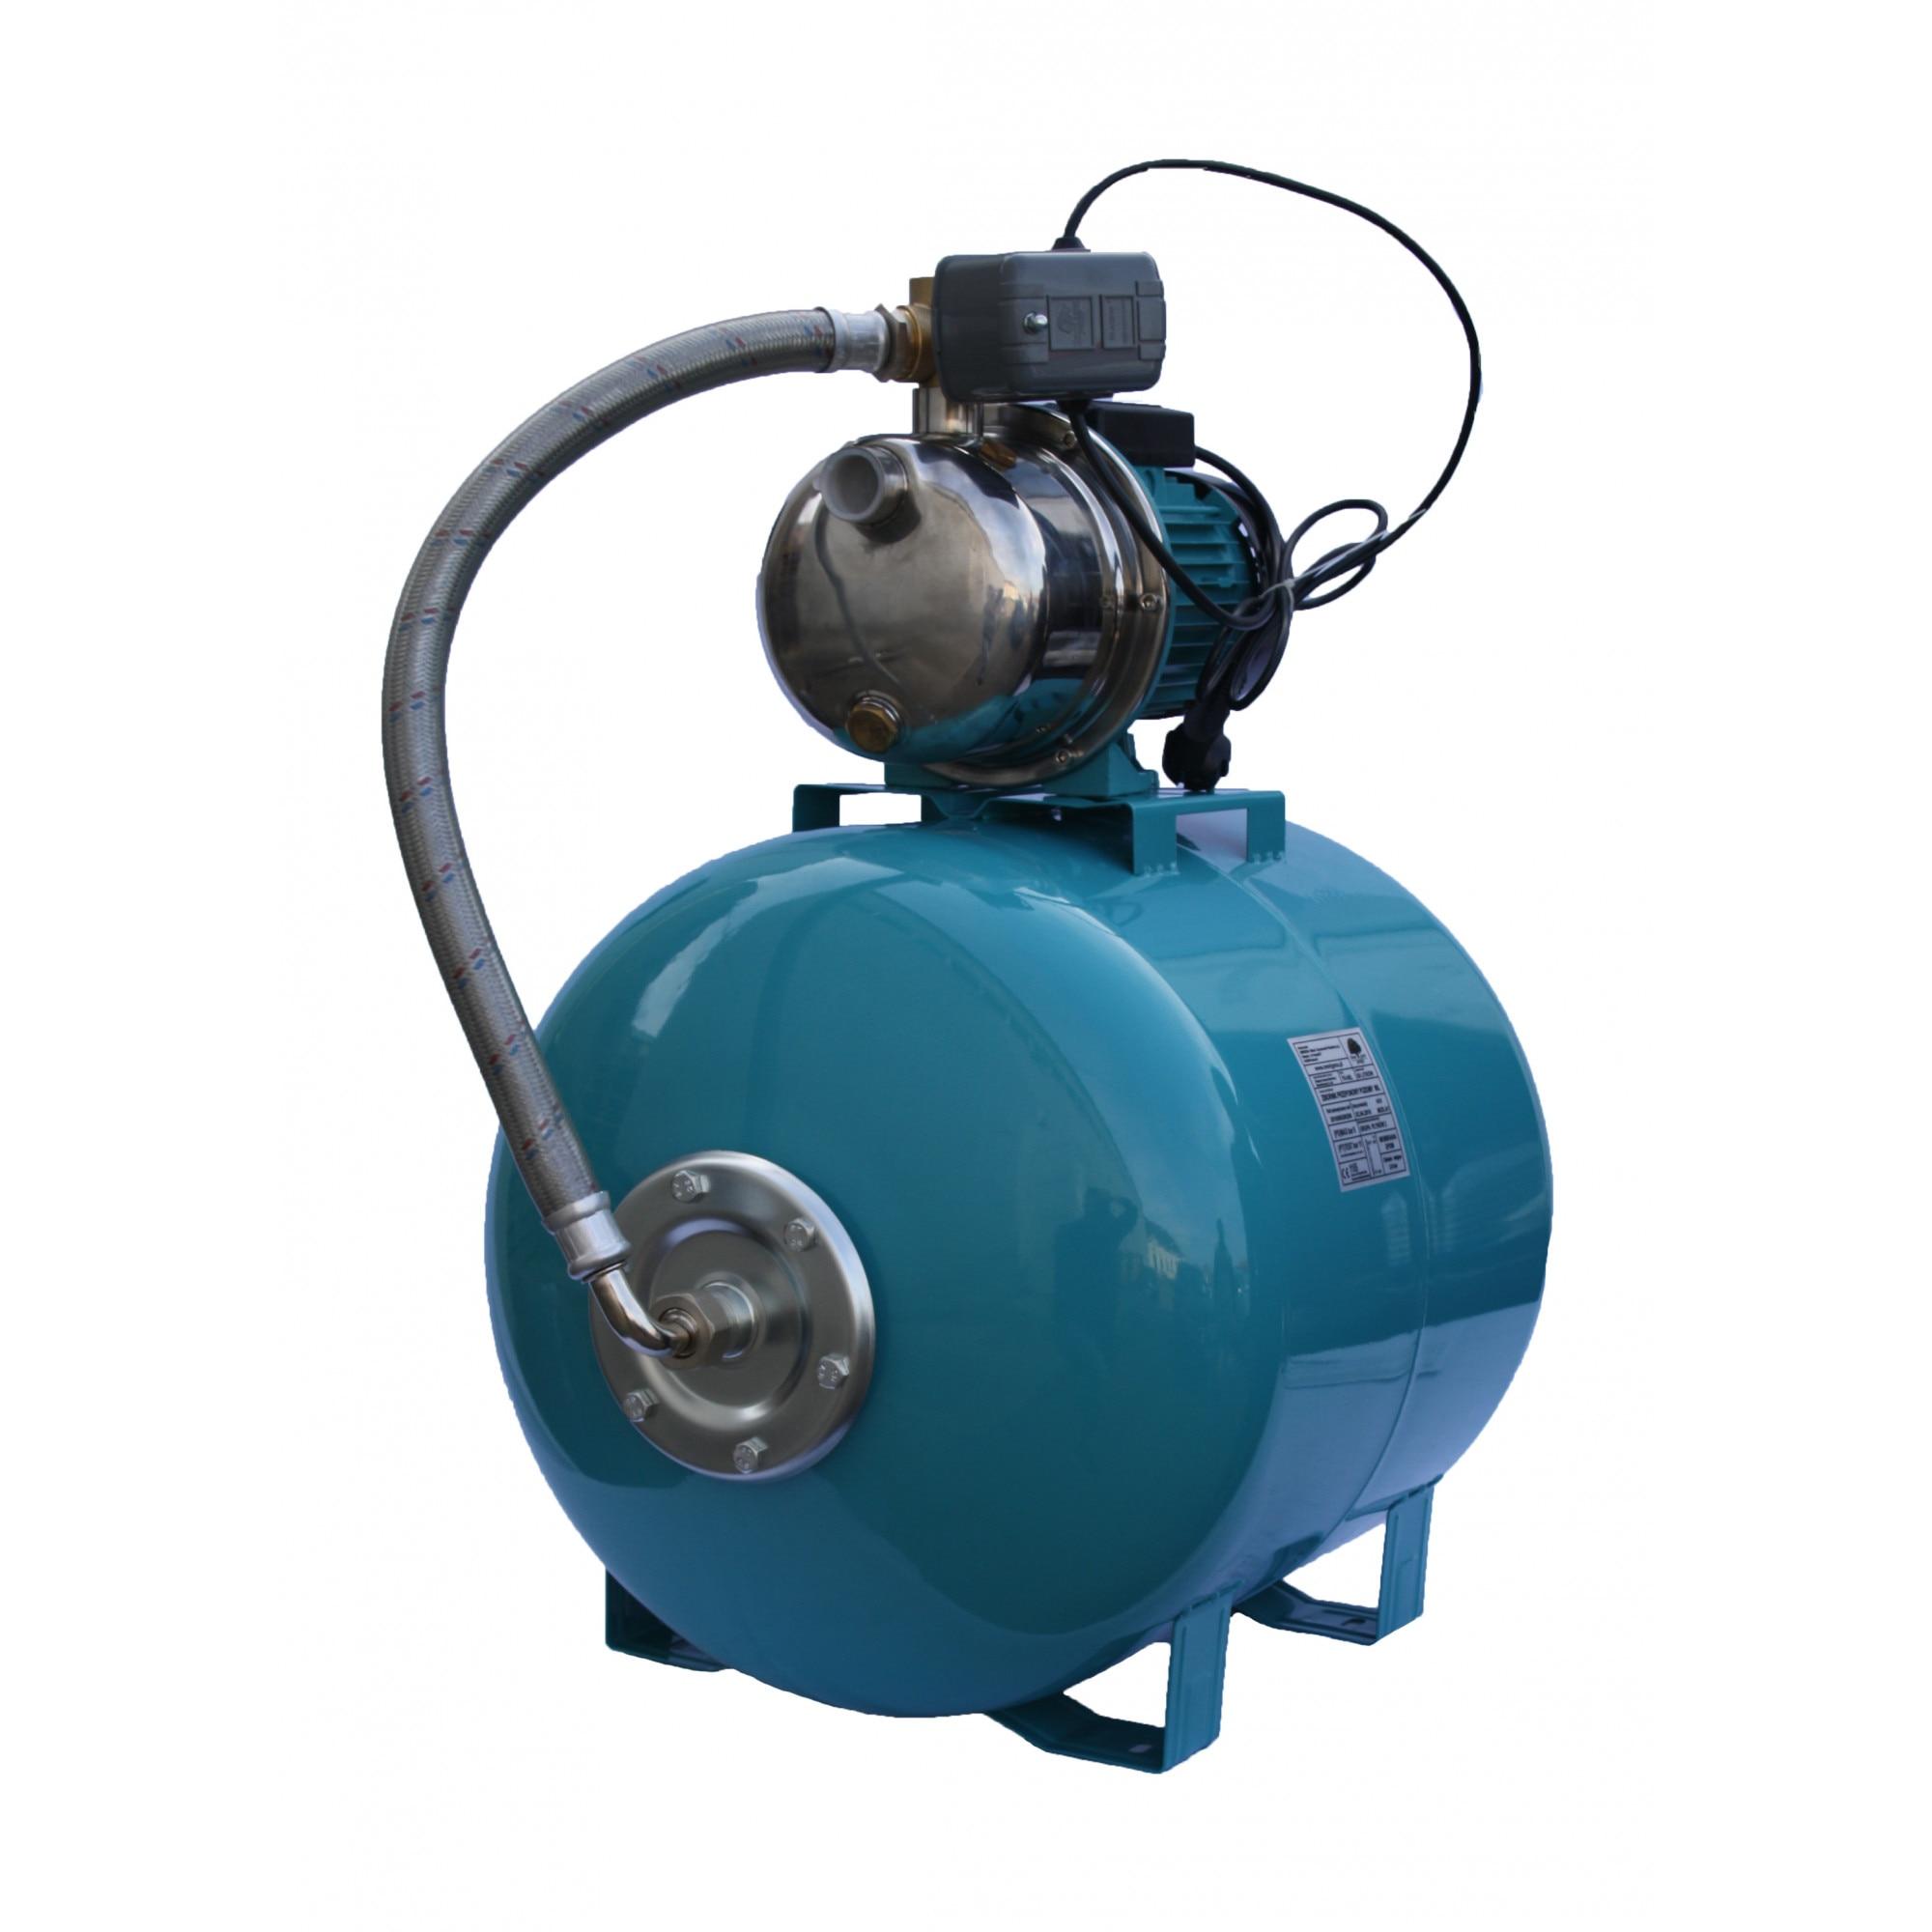 Fotografie Hidrofor apa curata Omnigena OM5002/100, 1100 W, 230 V, 100 l capacitate vas expansiune, 3300 l/h debit maxim, 46 m inaltime refulare, 9 m adancime absorbtie